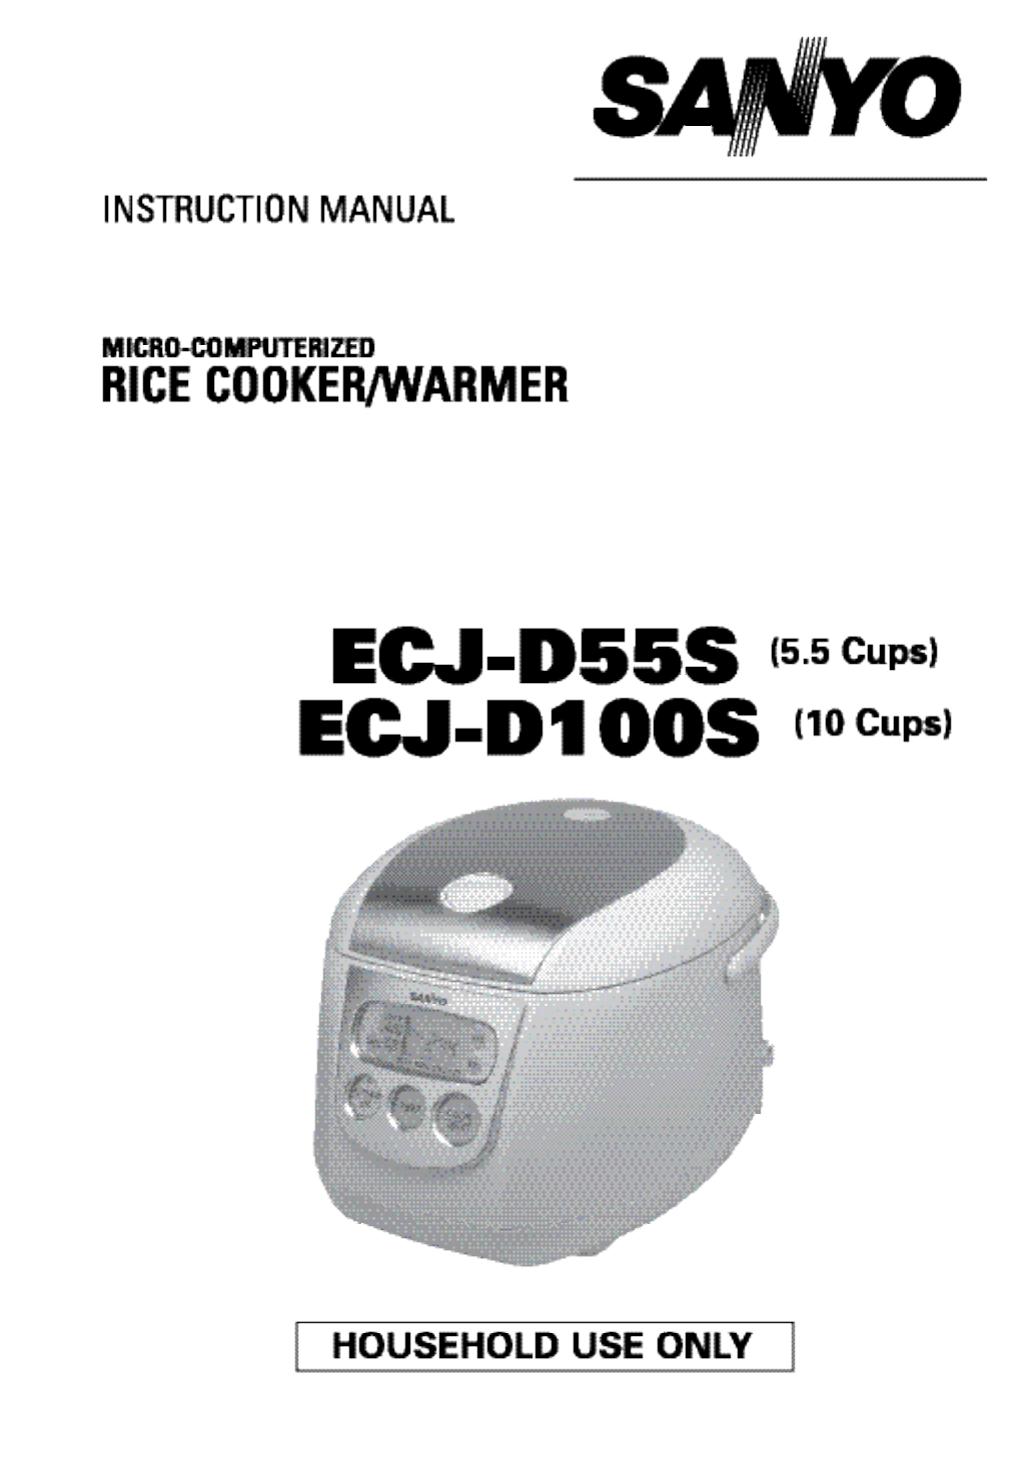 sanyo rice cooker ecj d100s user guide manualsonline com rh kitchen manualsonline com sanyo rice cooker manual ecj-d100s sanyo rice cooker manual ecj-d100s